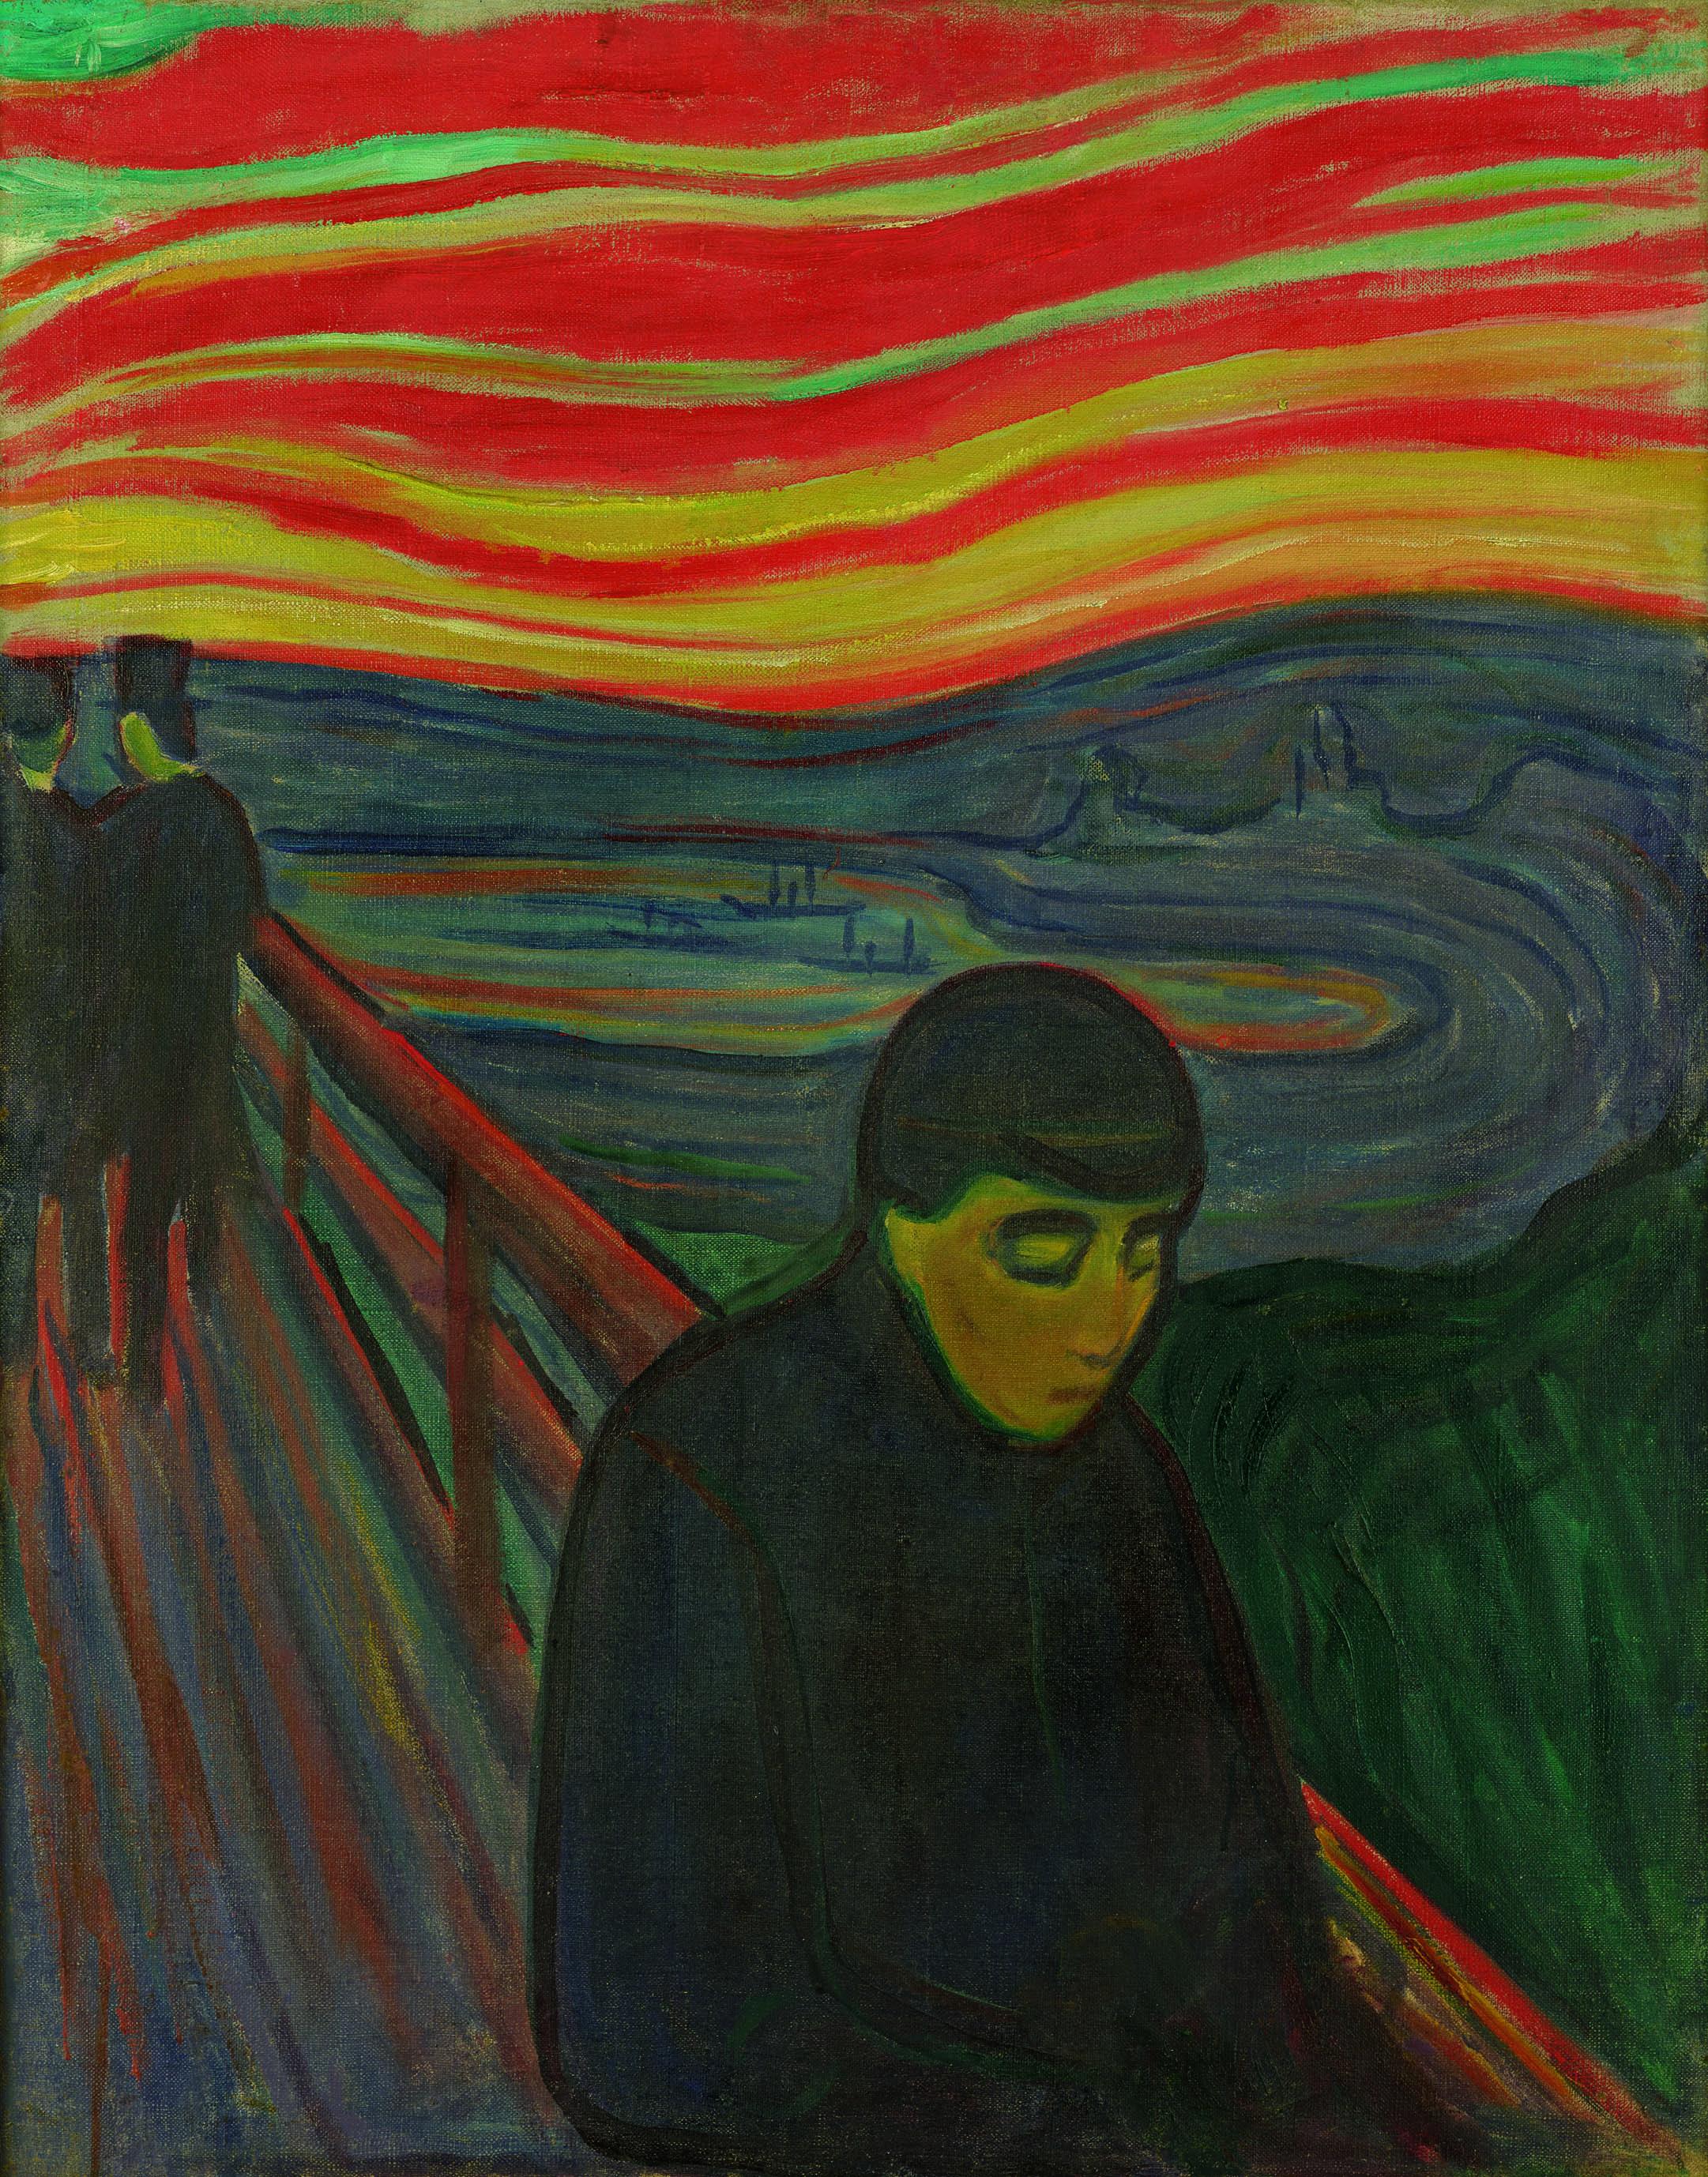 エドヴァルド・ムンク《絶望》1893-94年 油彩、カンヴァス 92×72.5cm